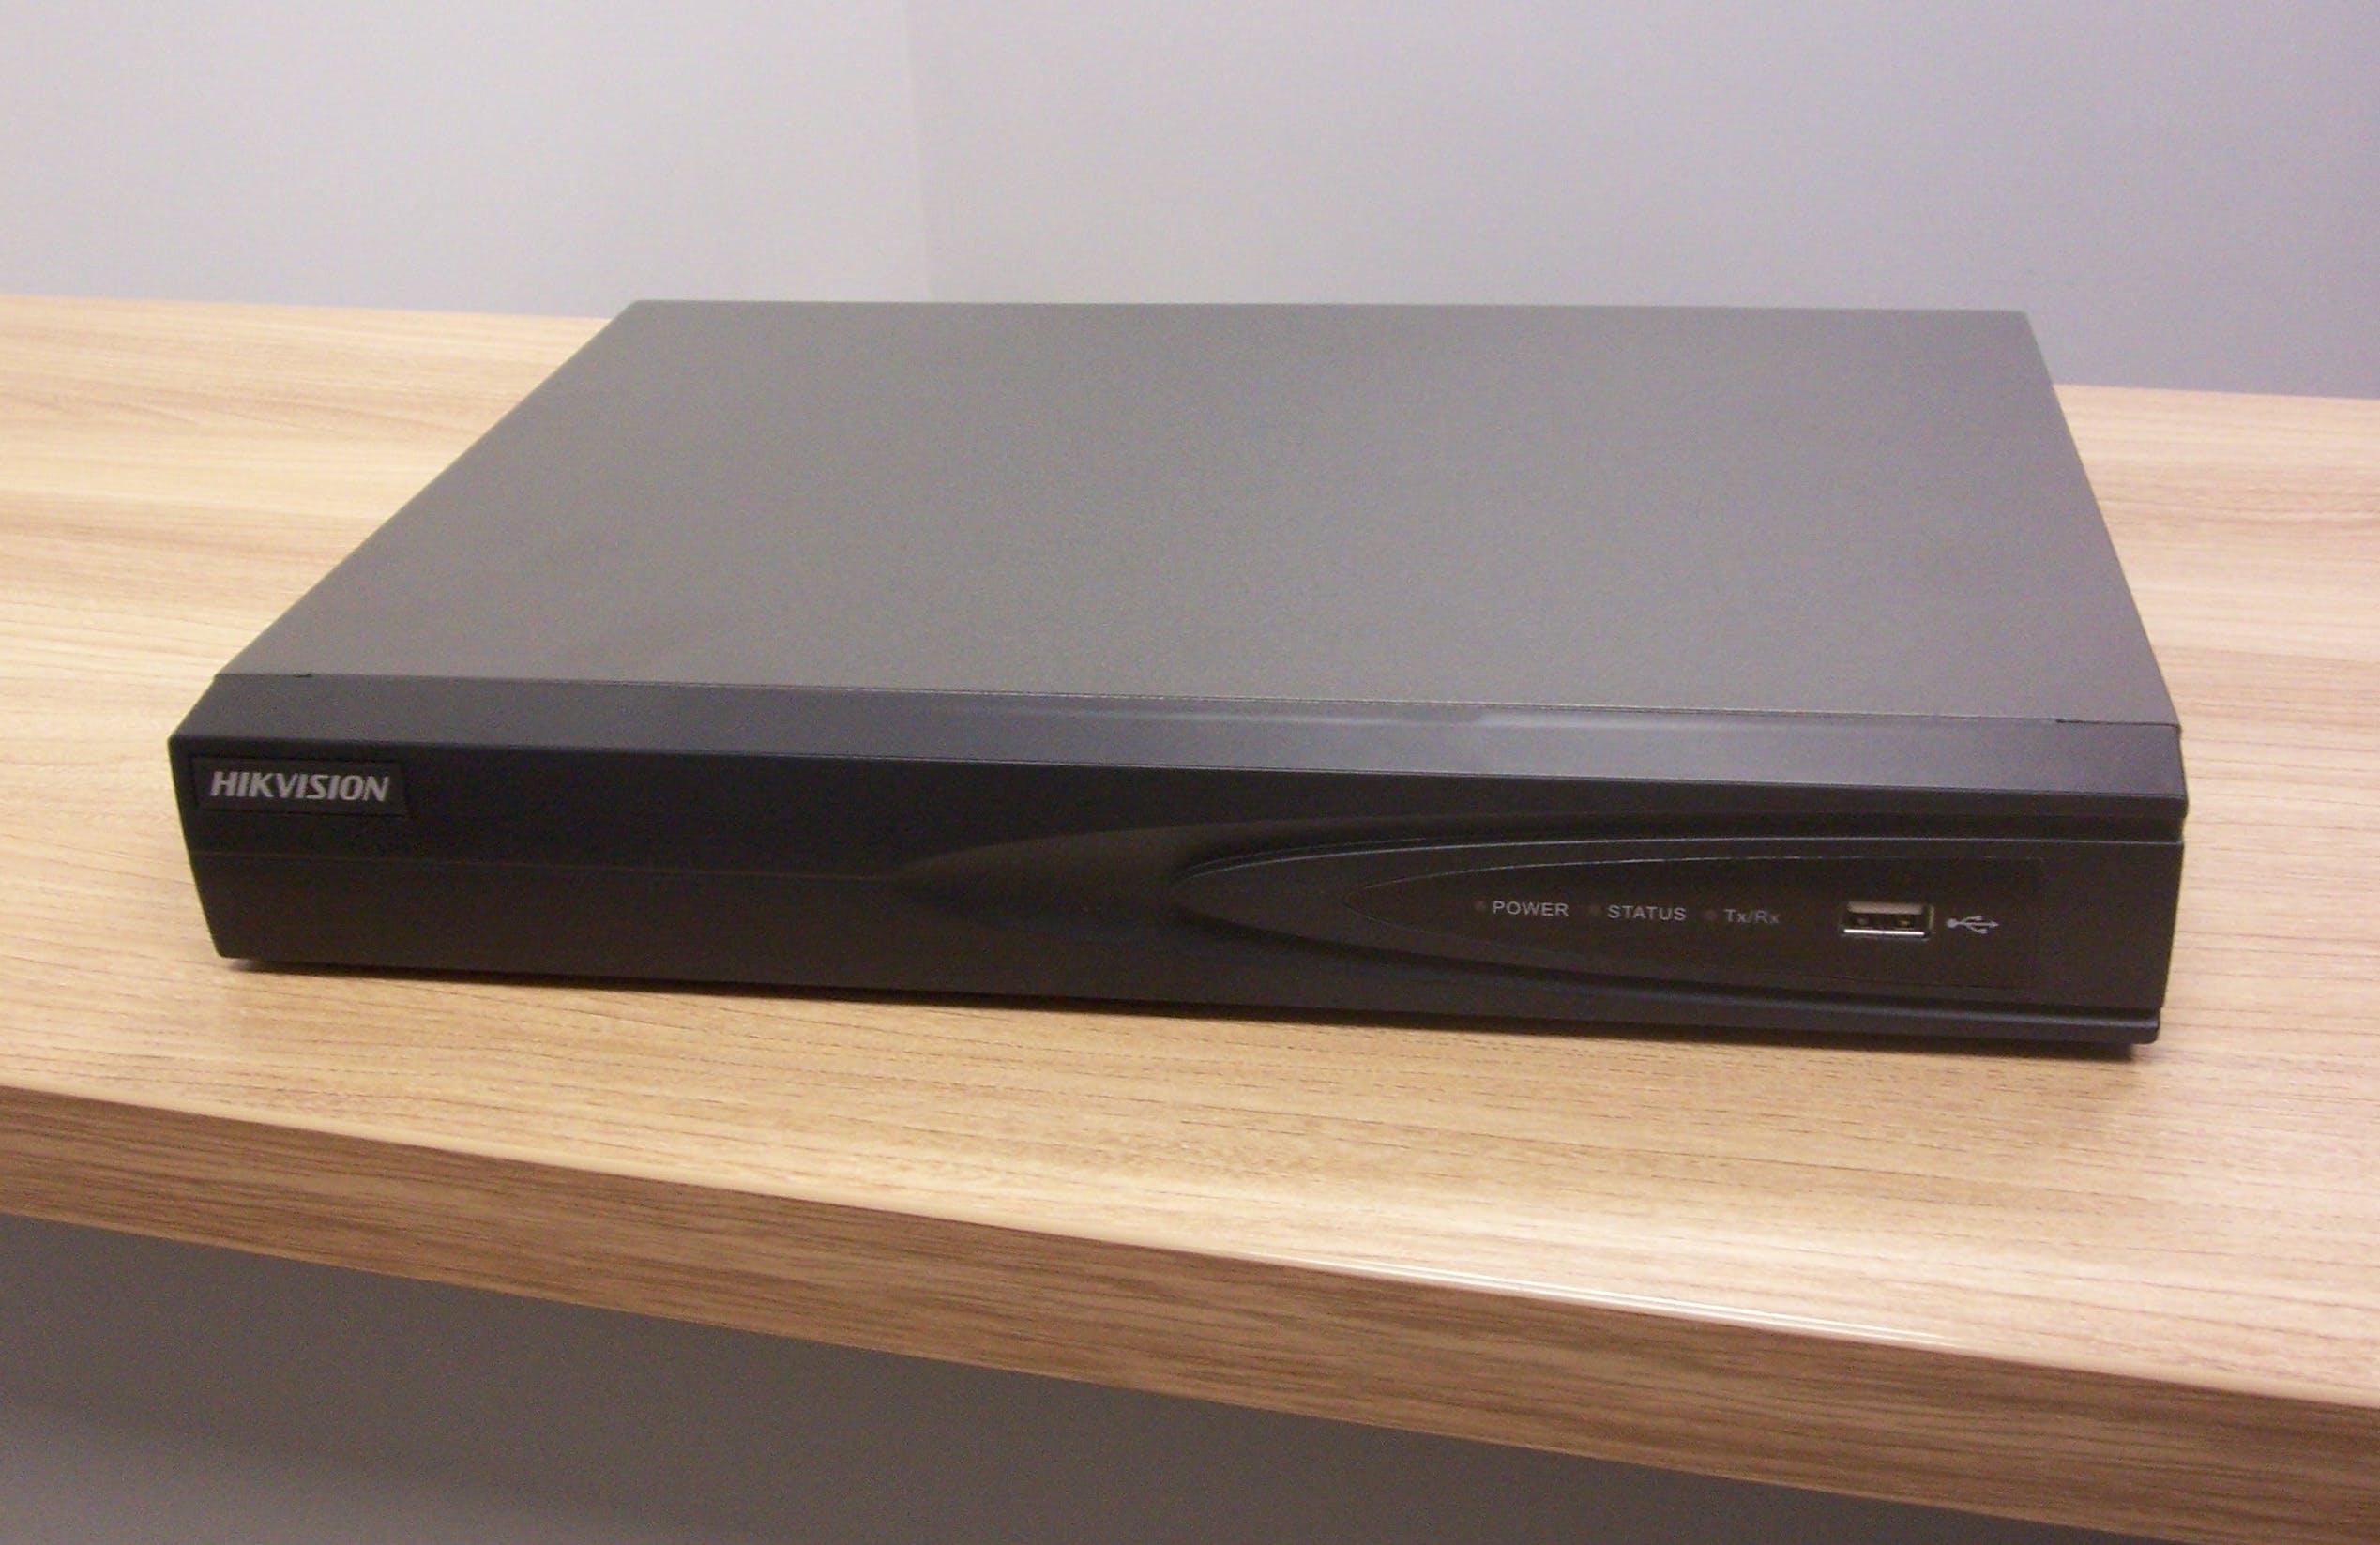 Rejestrator firmy HIKVISION w czarnej obudowie. Po lewej widoczne logo producenta, po prawej port USB i diody komunikujące stan urządzenia.